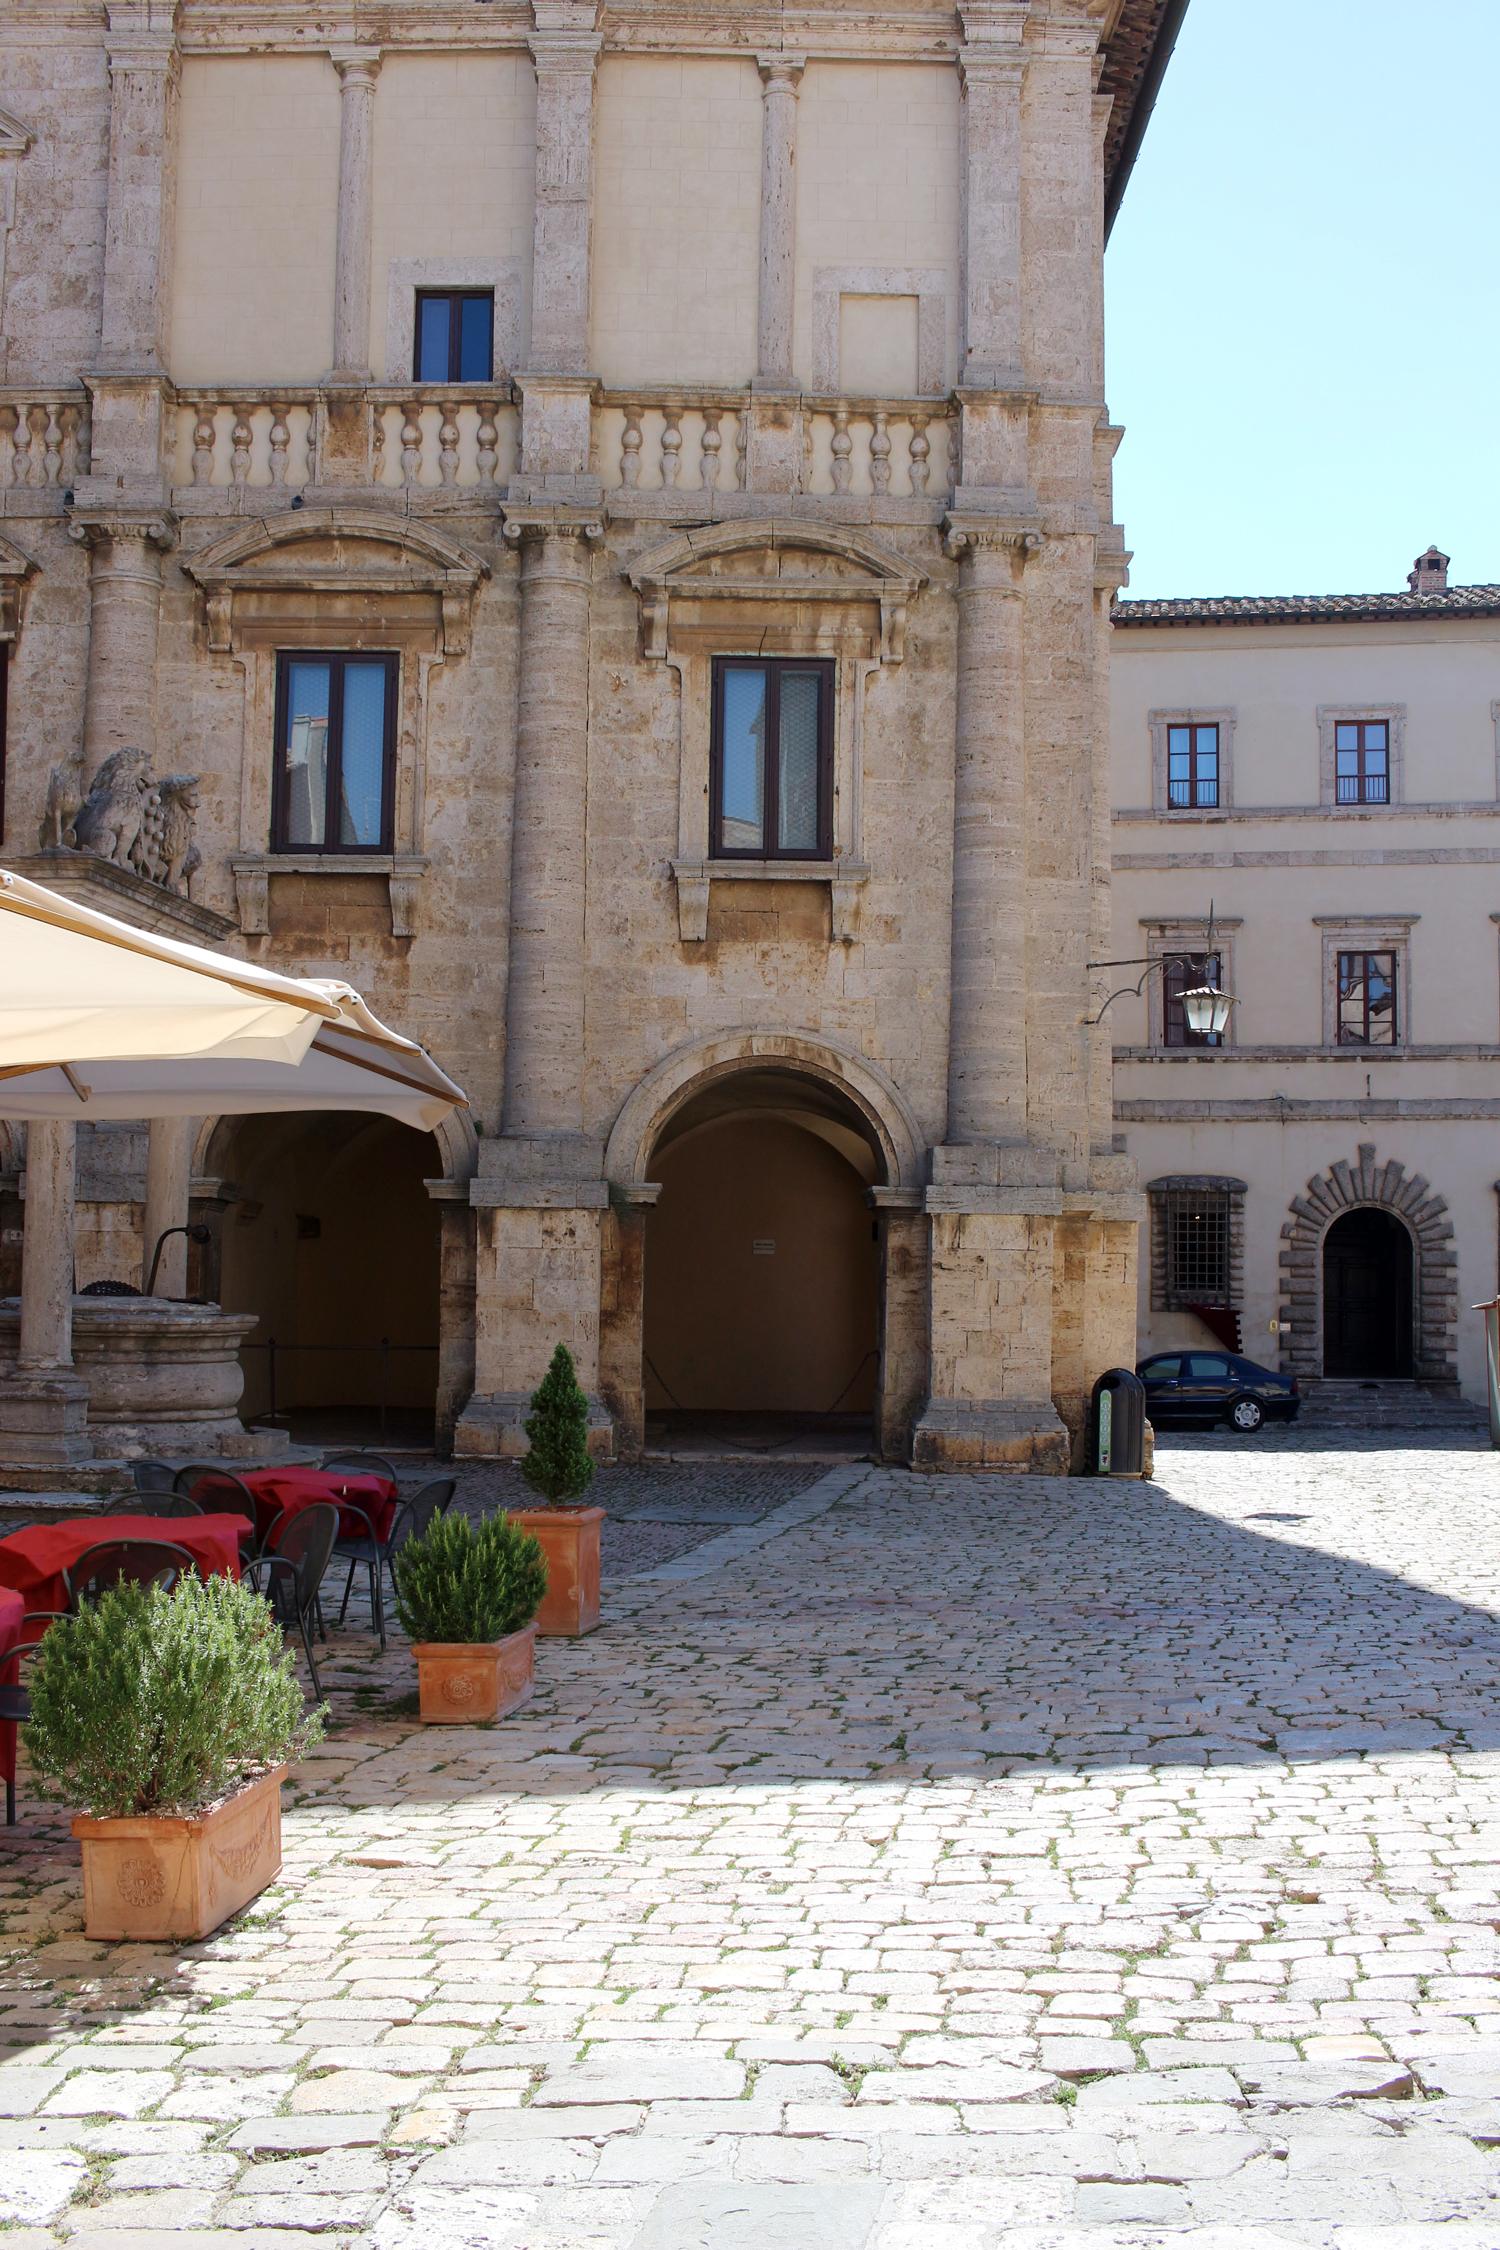 tuscany-italy-montepulciano-travel-blogger